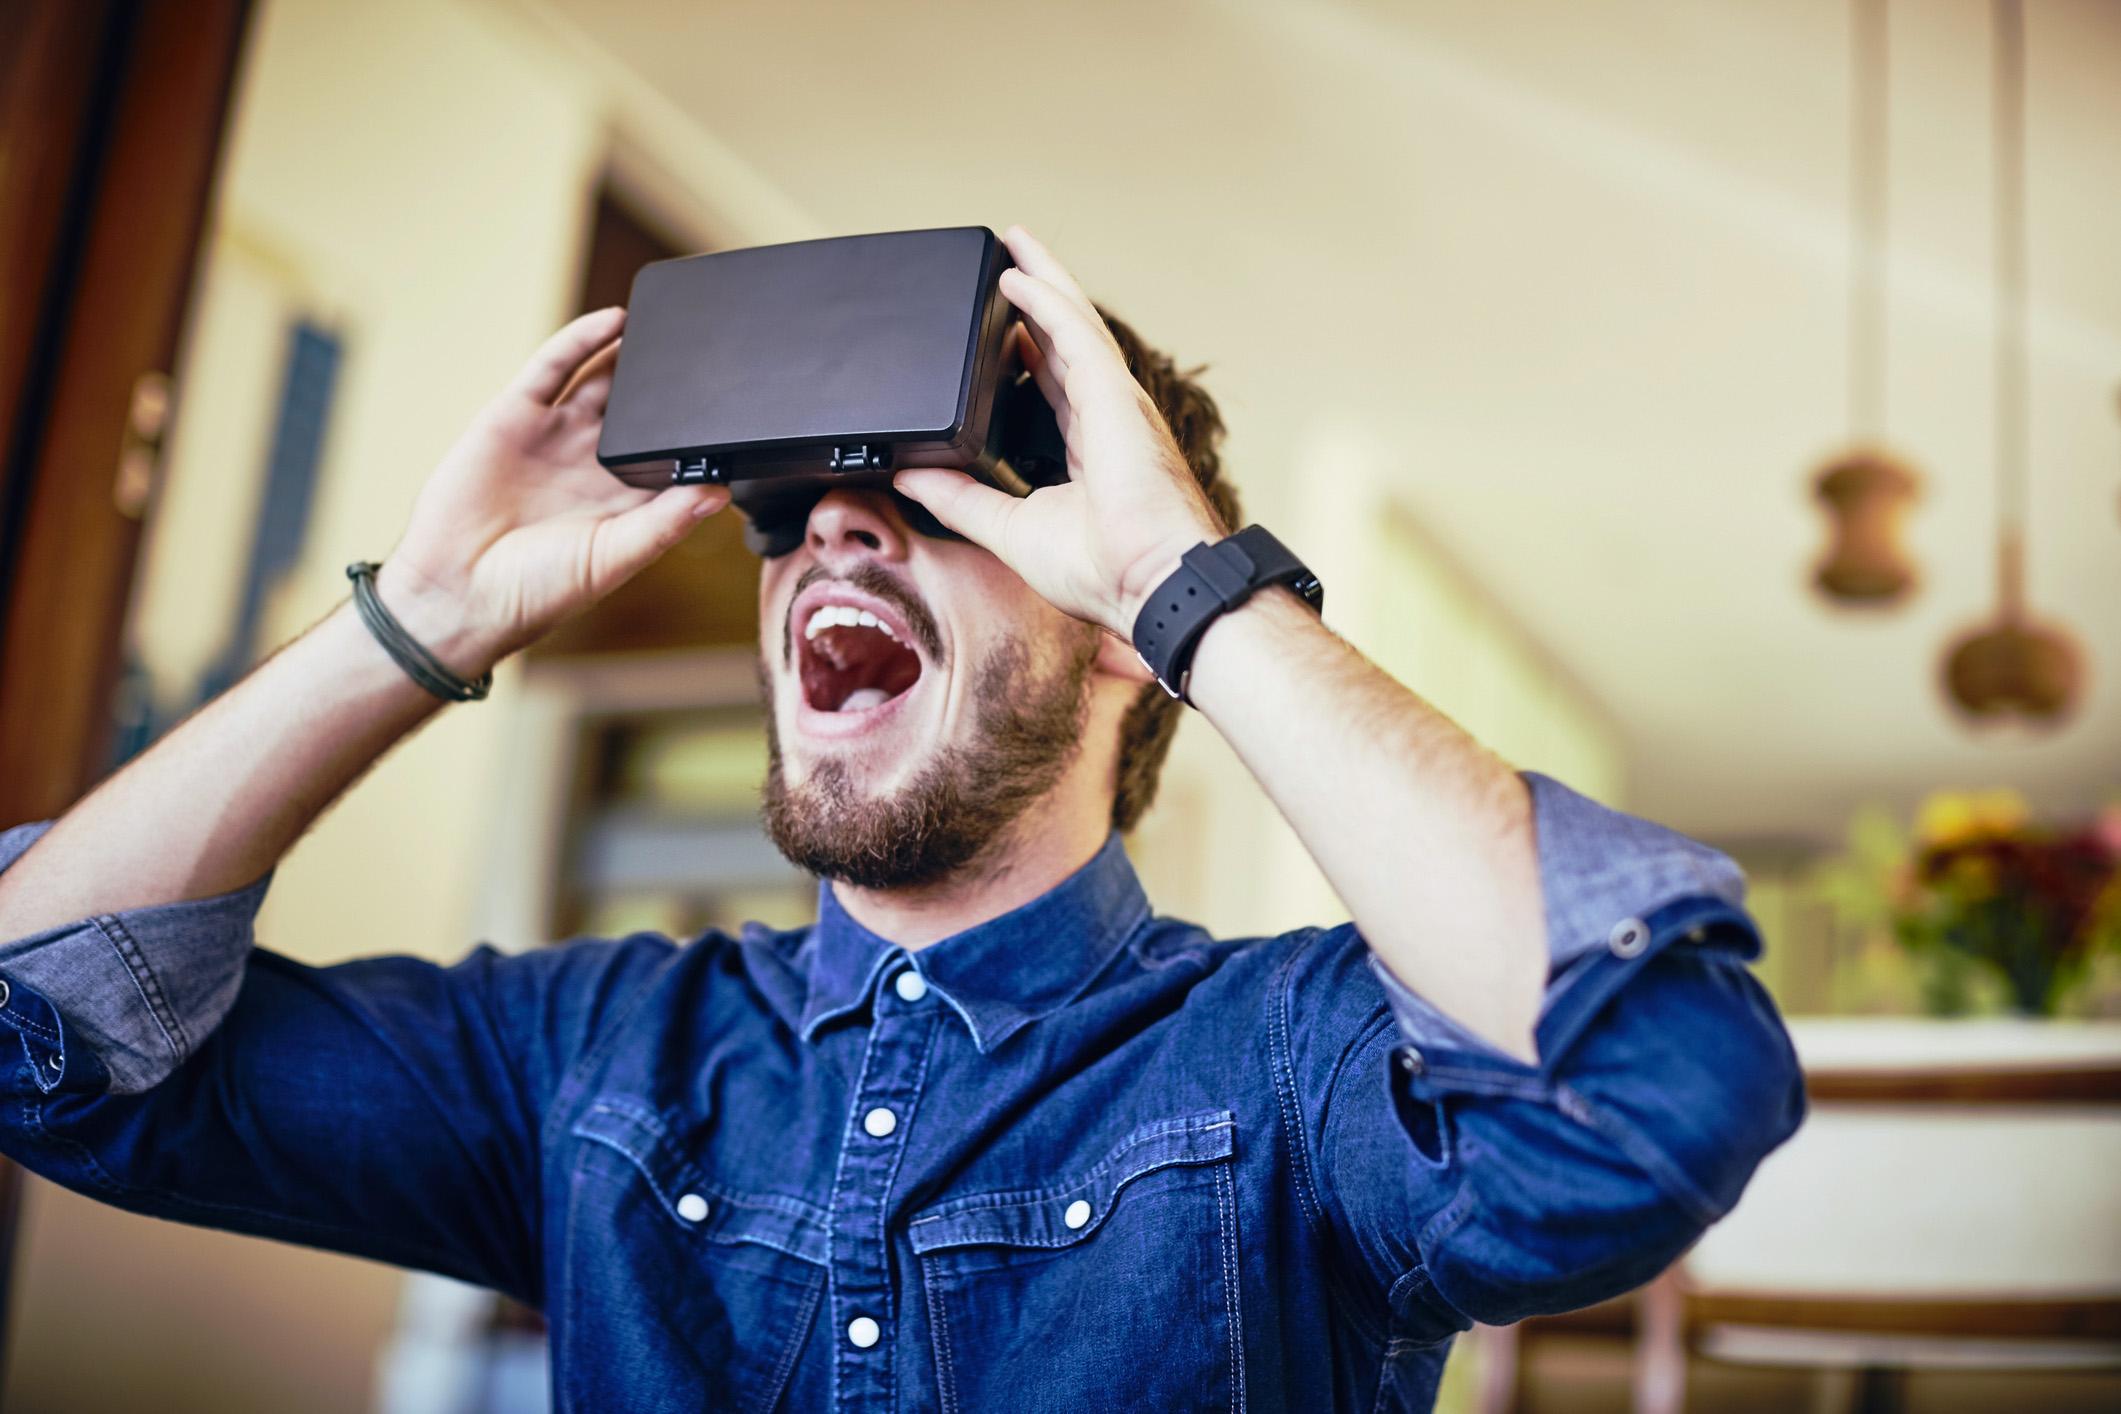 Man Playing Virtual Reality Game